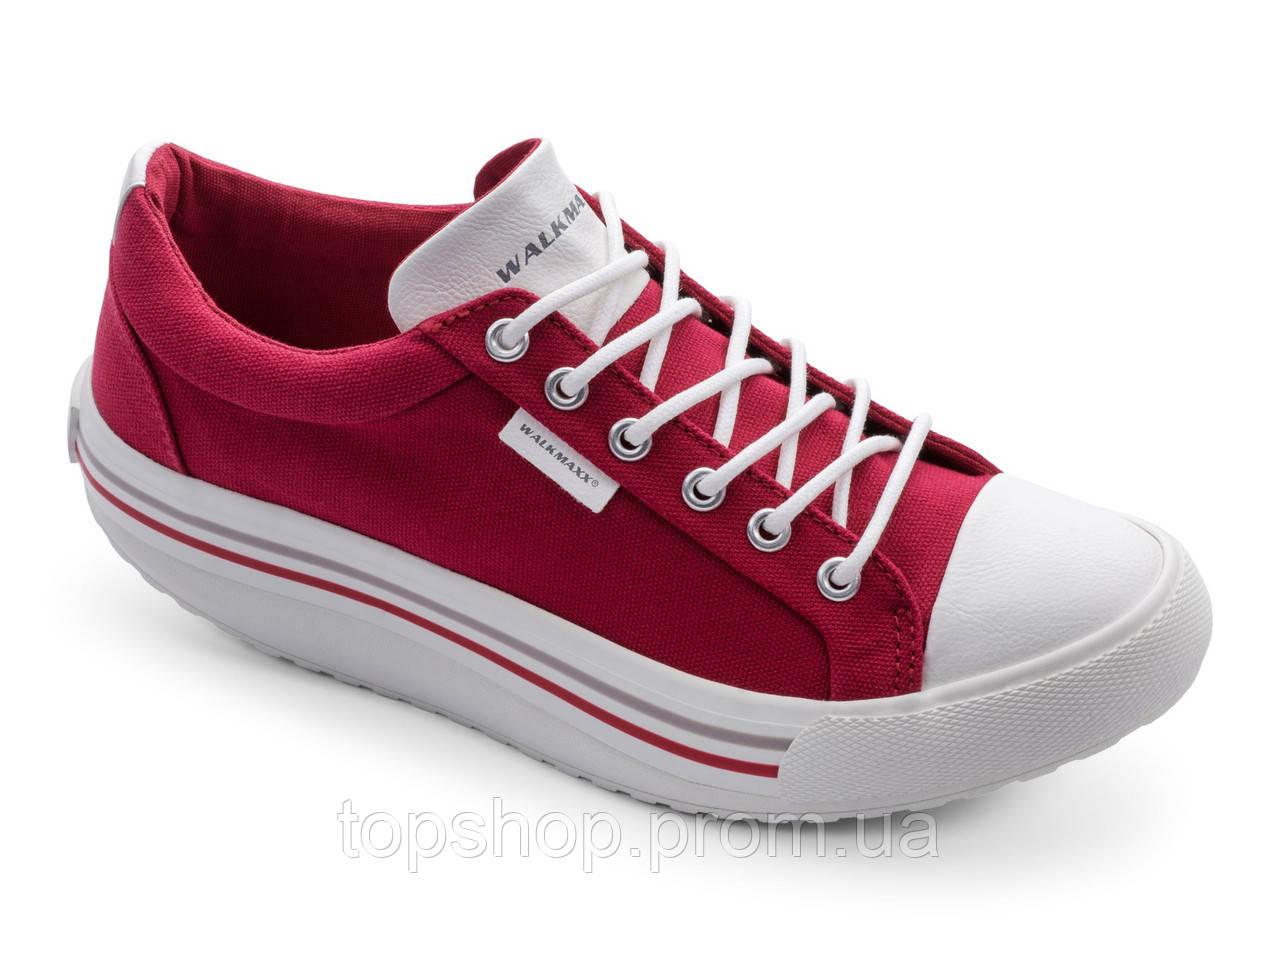 297f315ce Кеды Walkmaxx Comfort 3.0 46 Длина стопы 29,5 см Красный - TopShop - Товары